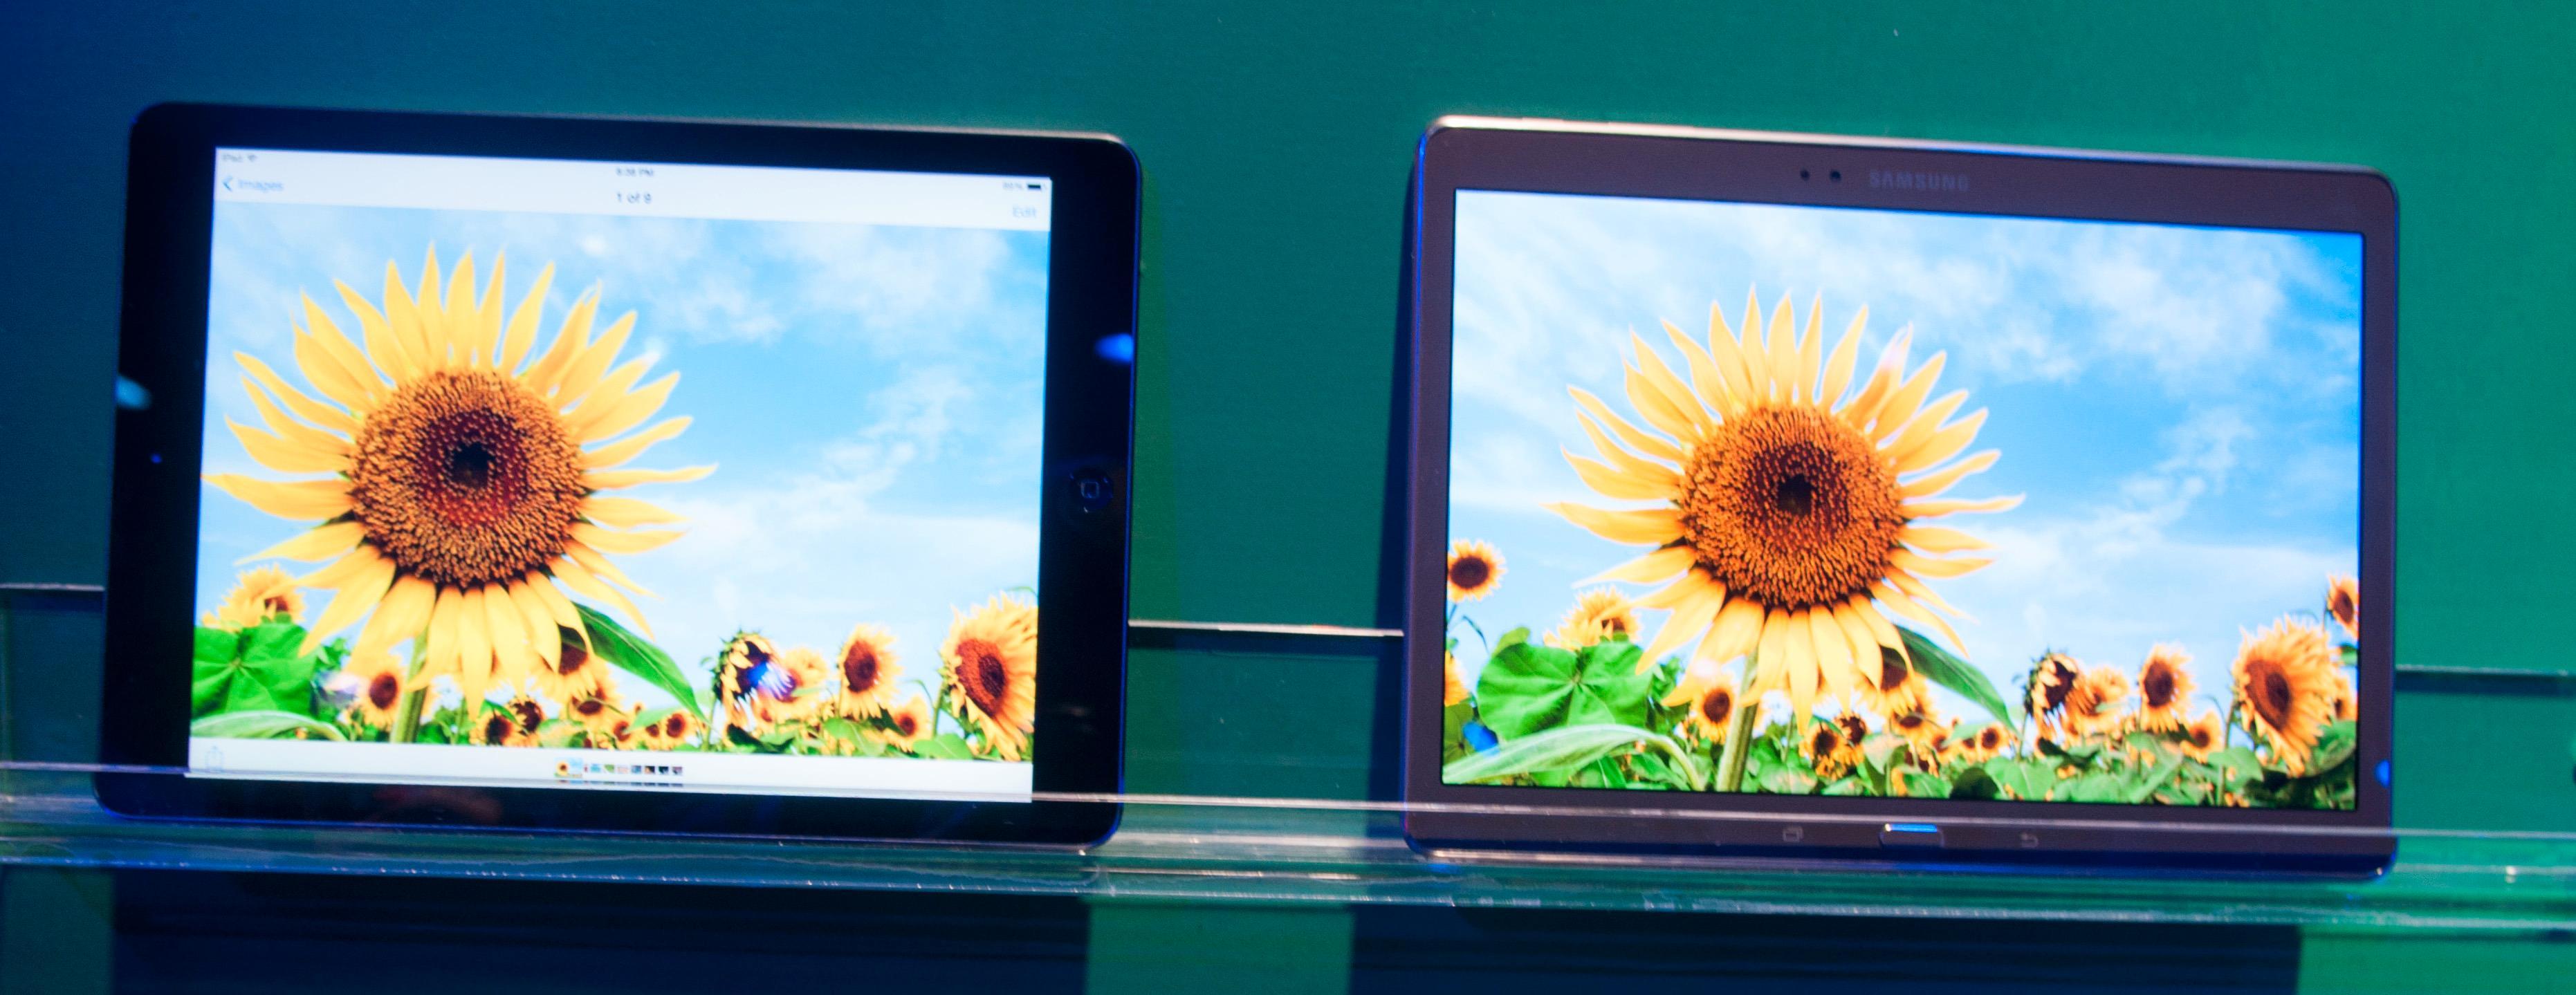 Samsung viste frem Galaxy Tab S sammen med Apples iPad Air, for å demonstrere forskjellen i fargegjengivelse. Den var tidvis svært tydelig, men også notorisk vanskelig å gjengi på bilder.Foto: Finn Jarle Kvalheim, Amobil.no